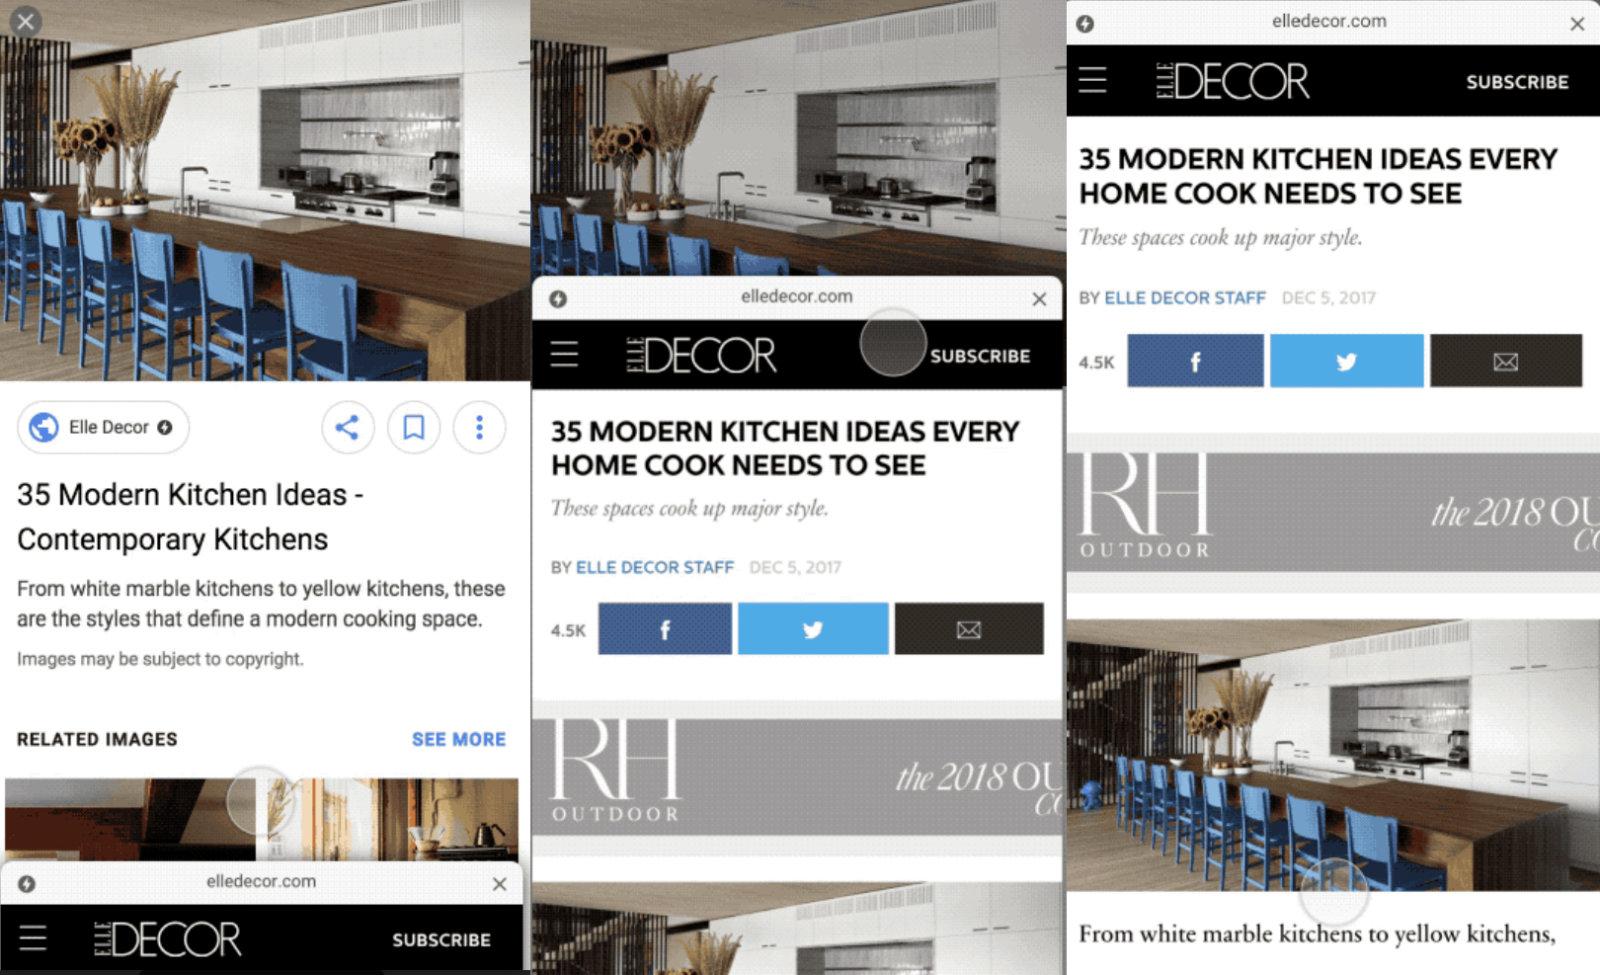 روکیدا | گوگل، جستجو بر پایۀ AMP را برای تصاویر خود بکار میگیرد! | افزایش سئو, وب / اینترنت, گوگل